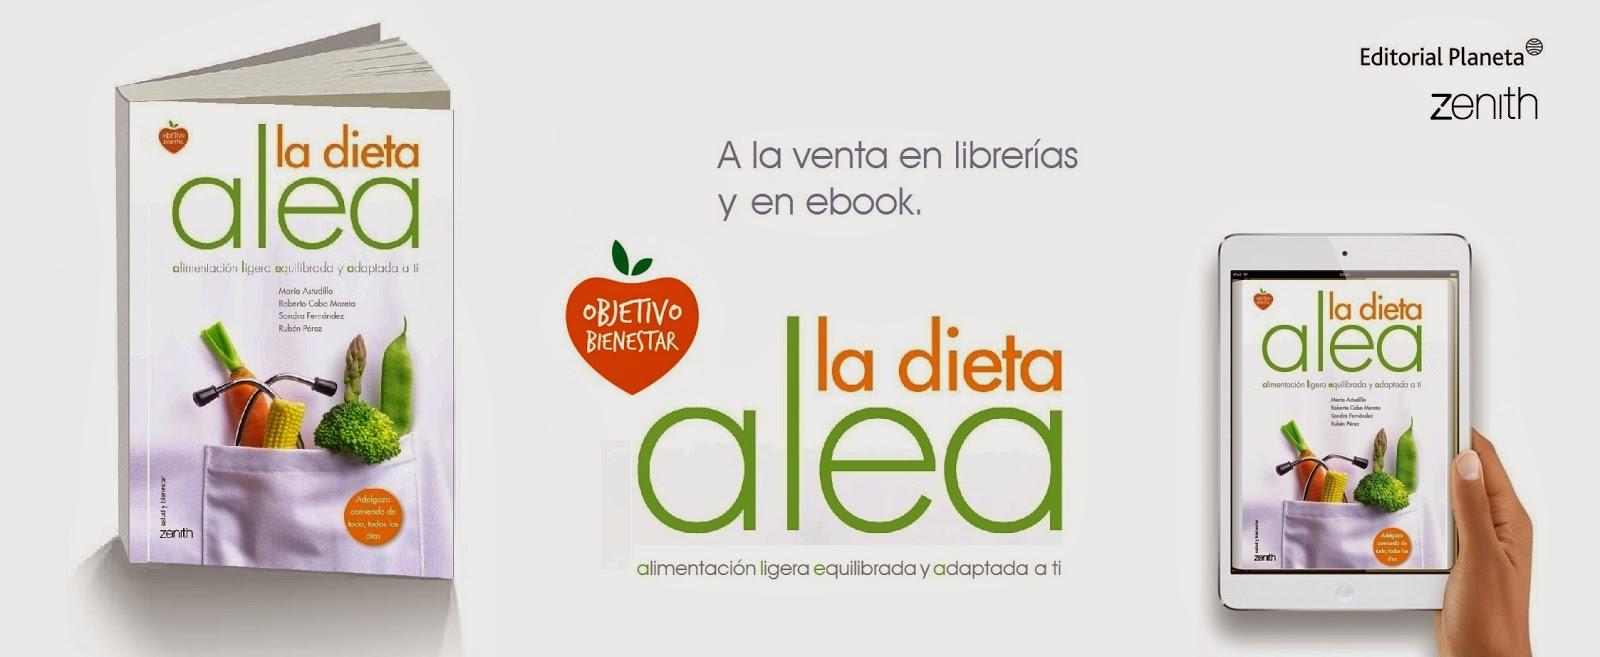 La dieta ALEA (Zenith/Planeta)